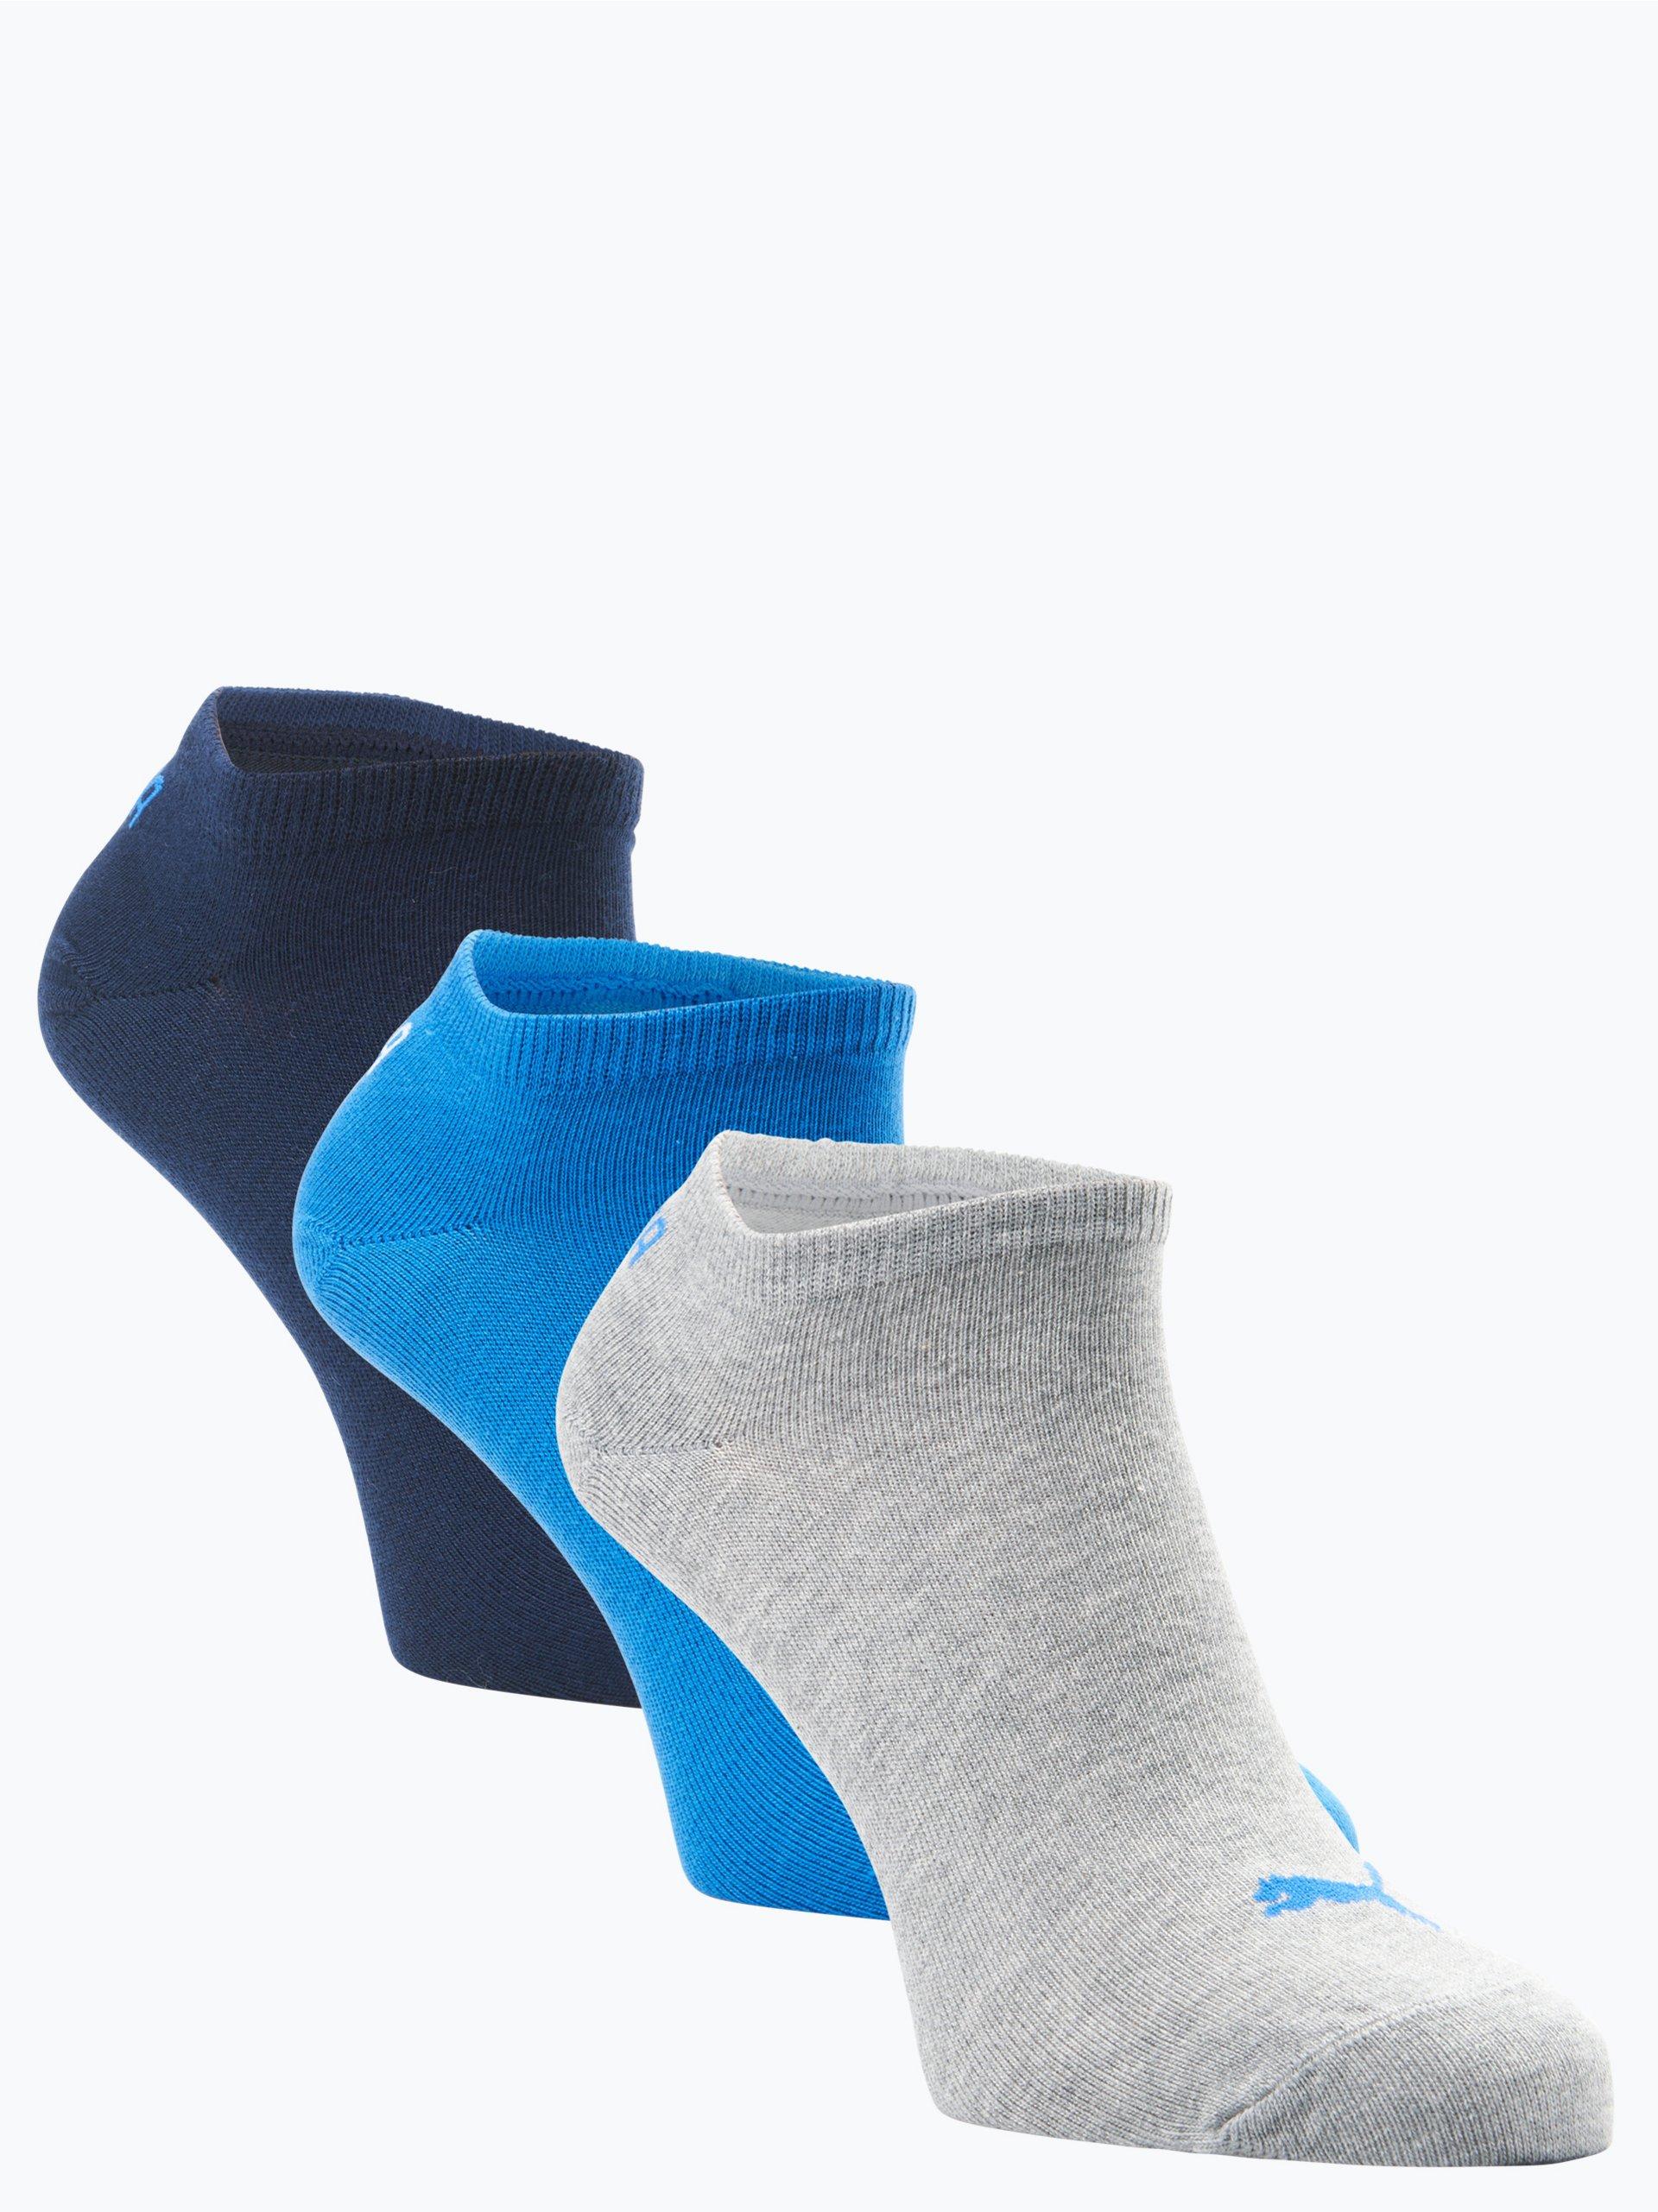 Puma Herren Sneakersocken im 3er-Pack